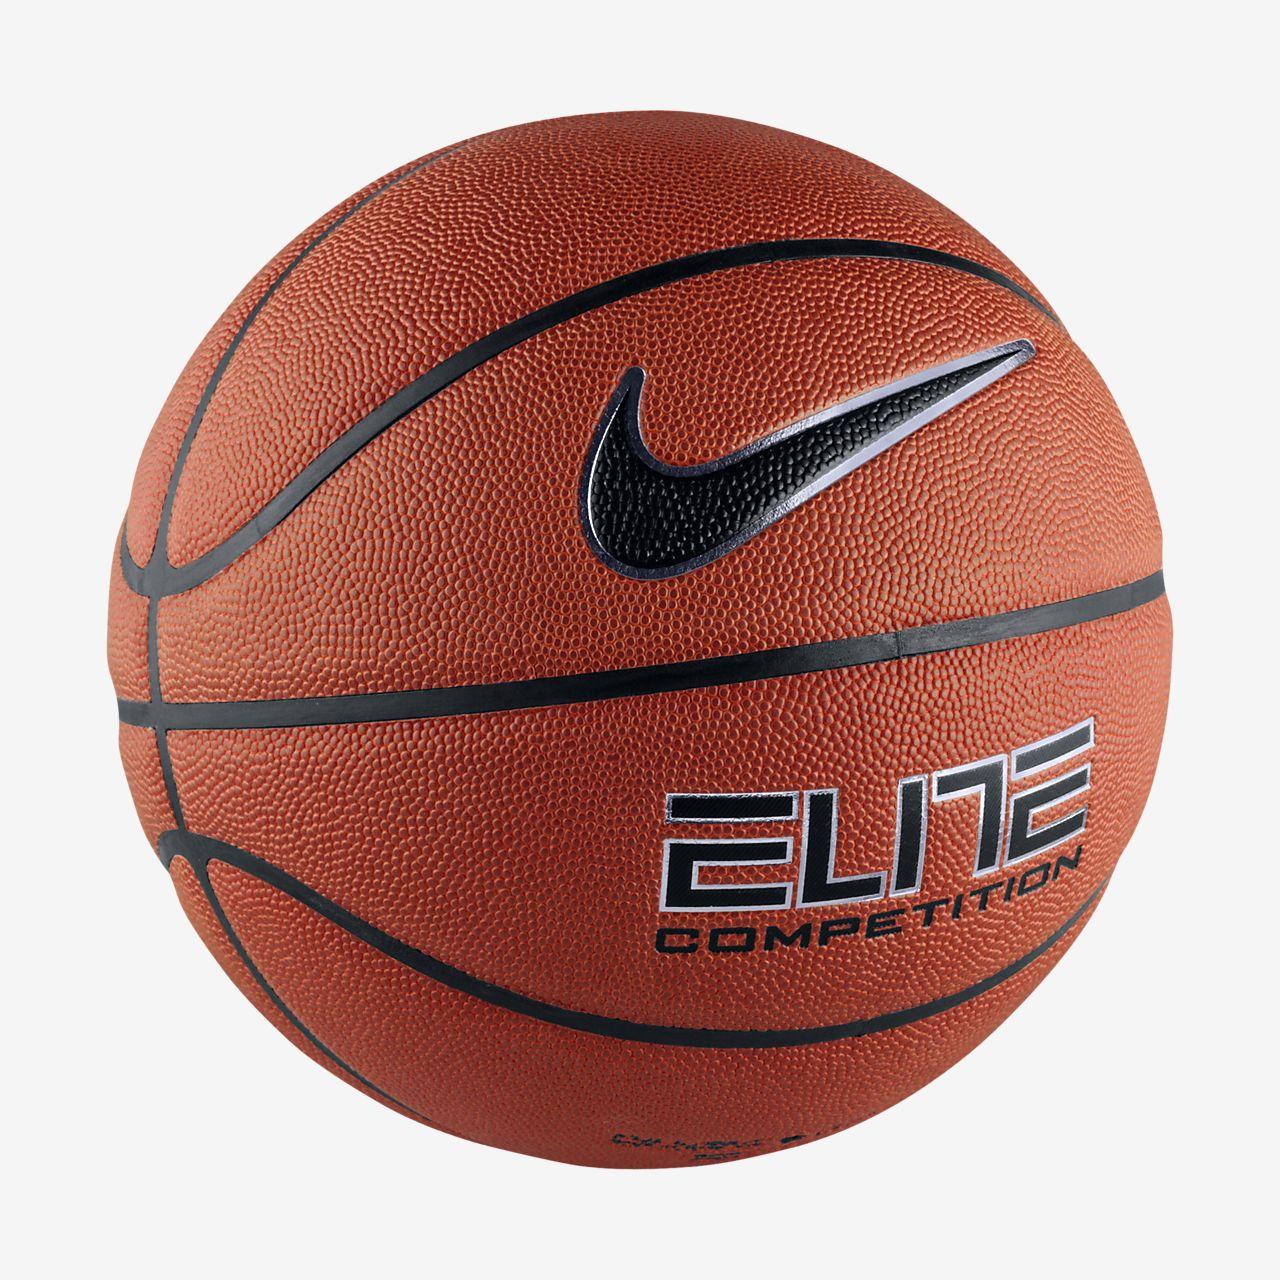 ... Pelota de básquetbol Nike Elite Competition de 8 paneles (talla ...